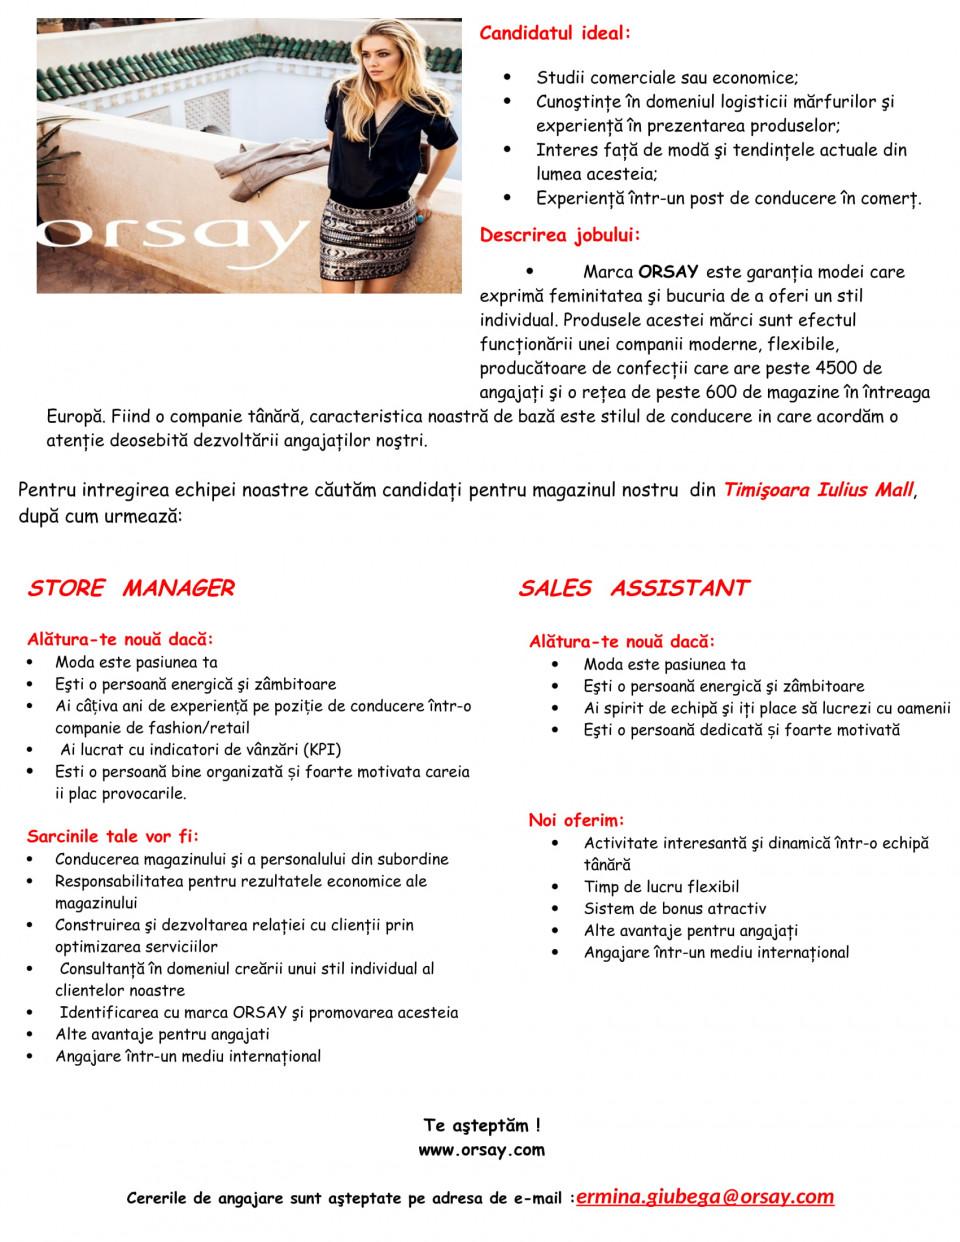 - Studii comerciale sau economice - Cunoştinţe în domeniul logisticii mărfurilor şi experienţă în prezentarea produselor - Interes faţă de modă şi tendinţele actuale din lumea acesteia - Construirea şi dezvoltarea relaţiei cu clienţii prin optimizarea serviciilor - Consultanţă în domeniul creării unui stil individual al clientelor noastre - Identificarea cu marca ORSAY şi promovarea acesteia Marca ORSAY este garanţia modei care exprimă feminitatea şi bucuria de a oferi un stil individual. Produsele acestei mărci sunt efectul funcţionării unei companii moderne, flexibile, producătoare de confecţii care are peste 4500 de angajaţi şi o reţea de peste 600 de magazine în întreaga Europă. Fiind o companie tânără, caracteristica noastră de bază este stilul de conducere in care acordăm o atenţie deosebită dezvoltării angajaţilor noştri.  Pentru intregirea echipei noastre căutăm candidaţi pentru magazinul din SIBIU pentru postul SALES ASSISTANT.  Alătura-te nouă dacă: • Moda este pasiunea ta • Eşti o persoană energică şi zâmbitoare • Ai spirit de echipă şi iţi place să lucrezi cu oamenii • Eşti o persoană dedicată și foarte motivată  Noi oferim: • Activitate interesantă şi dinamică într-o echipă tânără • Timp de lucru flexibil • Sistem de bonus atractiv • Alte avantaje pentru angajaţi • Angajare într-un mediu internaţional  Te aşteptăm ! www.orsay.com  Cererile de angajare sunt aşteptate pe adresa de e-mail : ermina.giubega@orsay.com